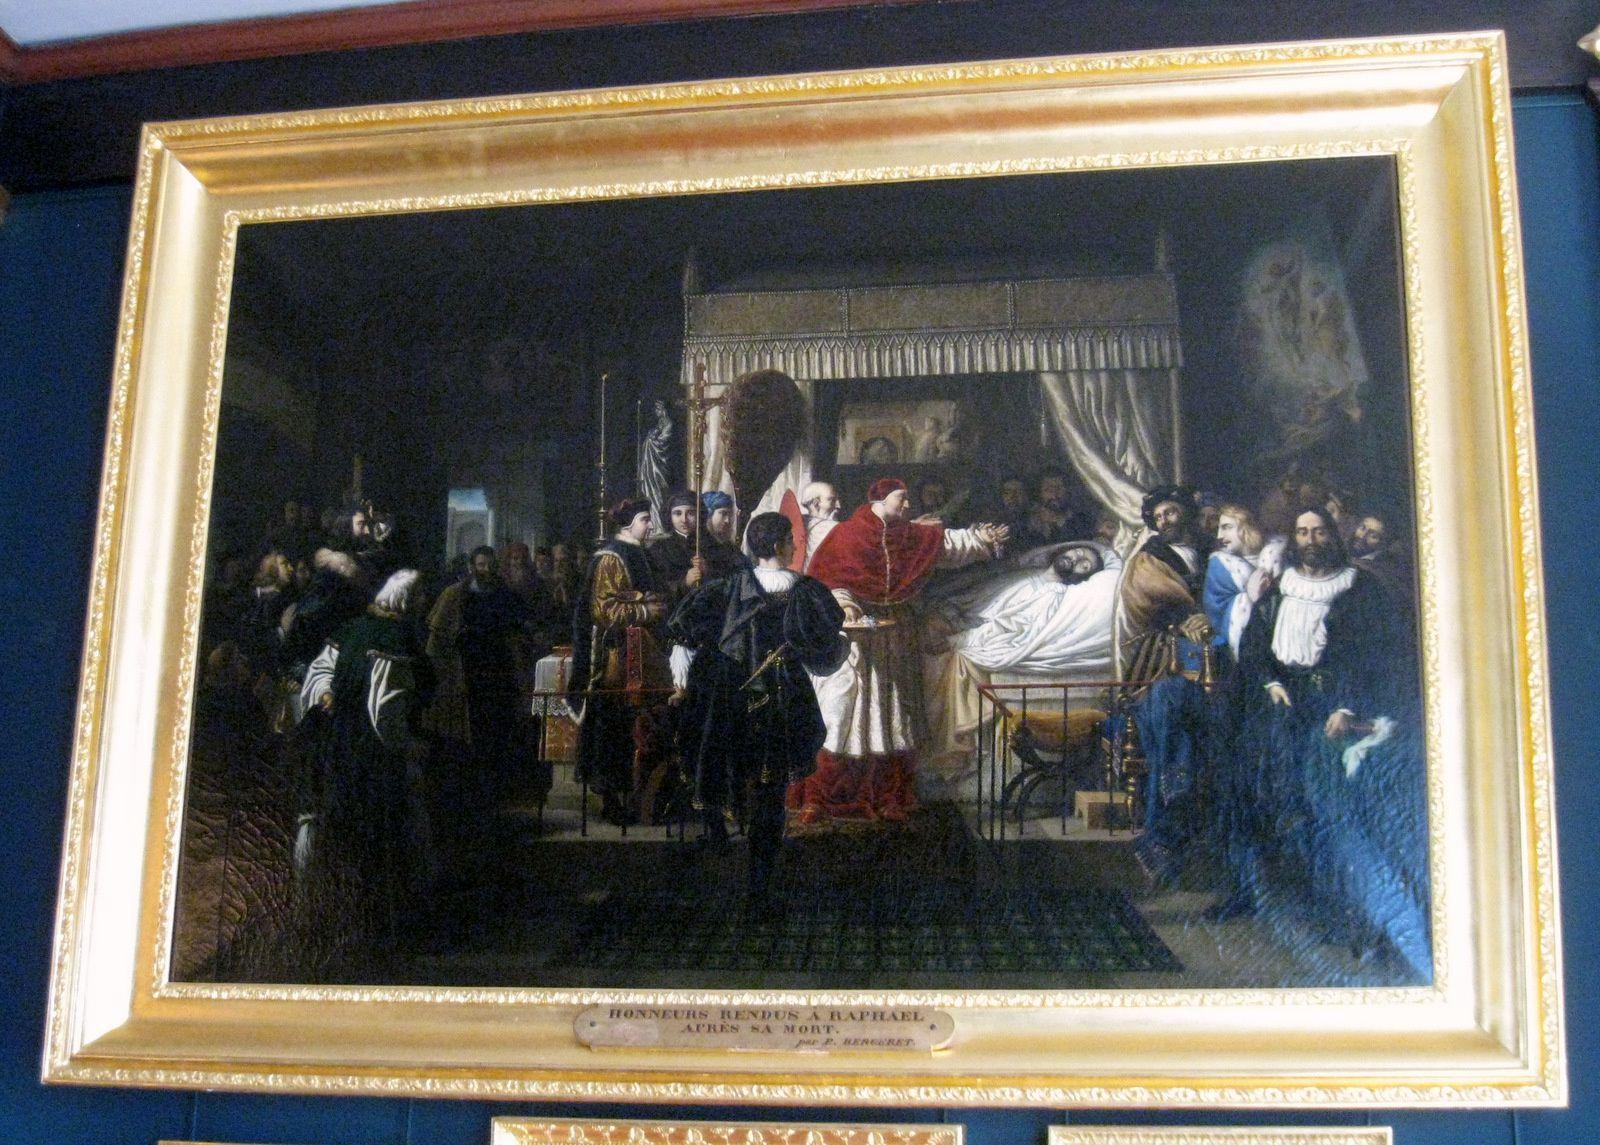 Pierre-Nolasque Bergeret, Honneurs rendus à Raphaël après sa mort